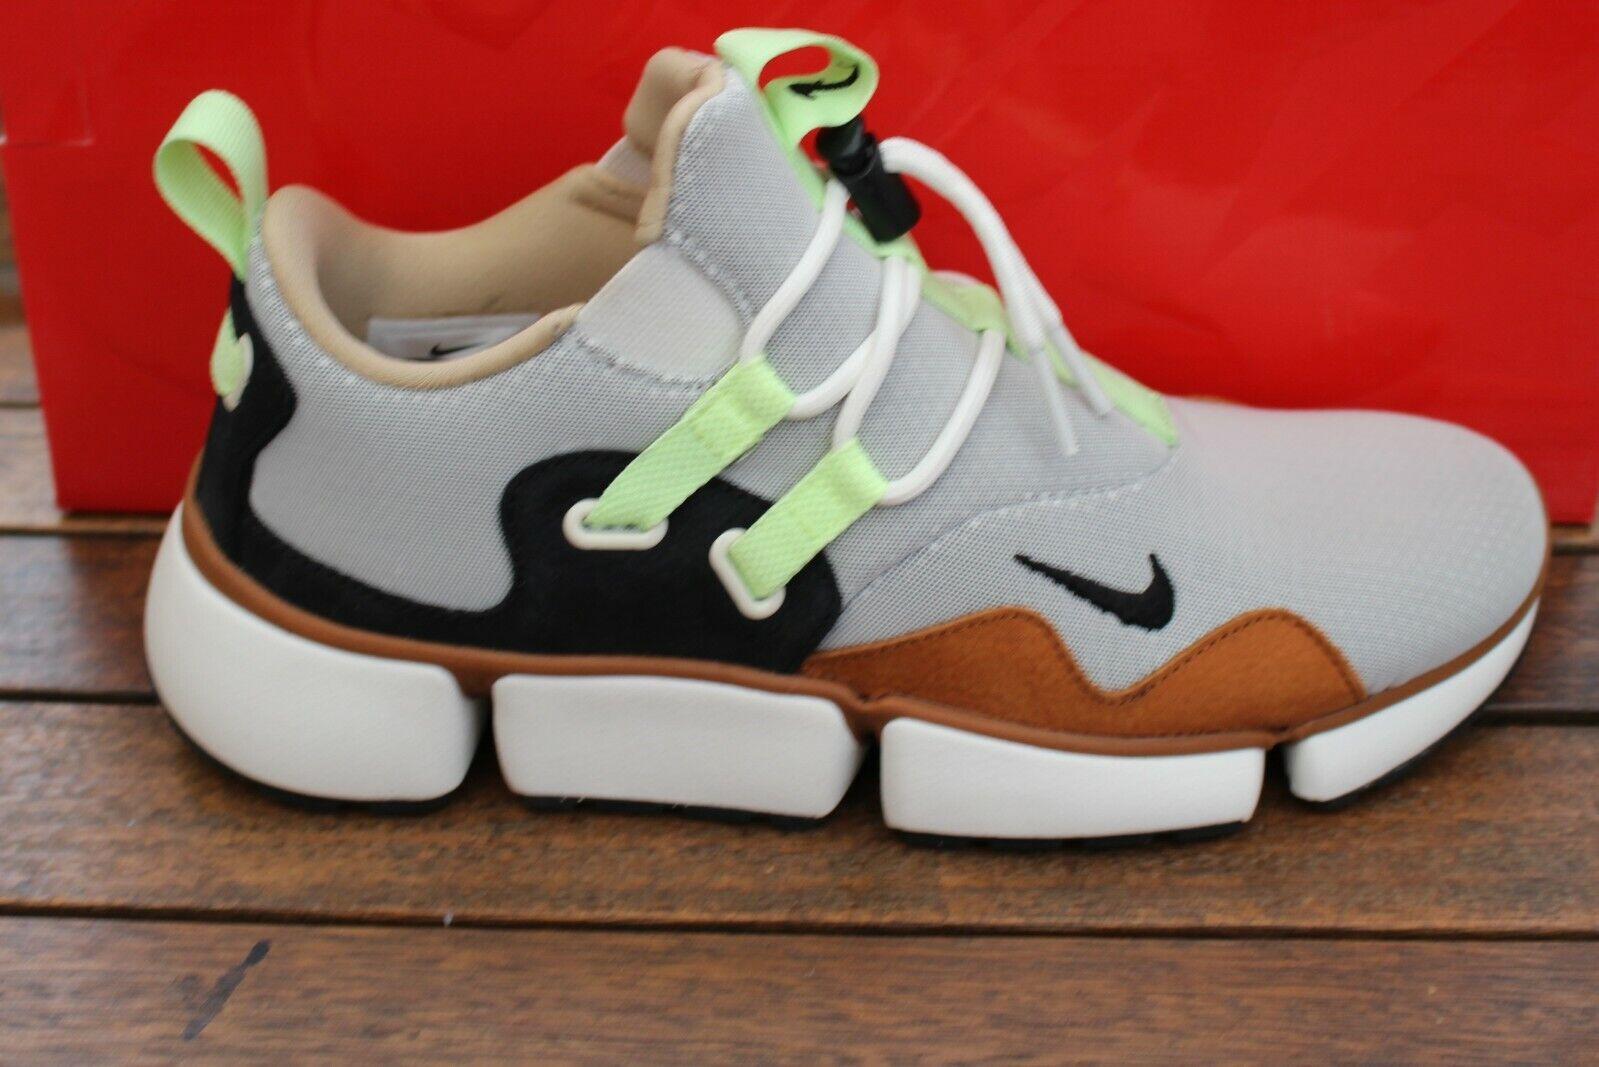 Nike NIKELAB Navaja dm entrenadores 910571-201 Reino Unido Talla 7,8,9 y 10